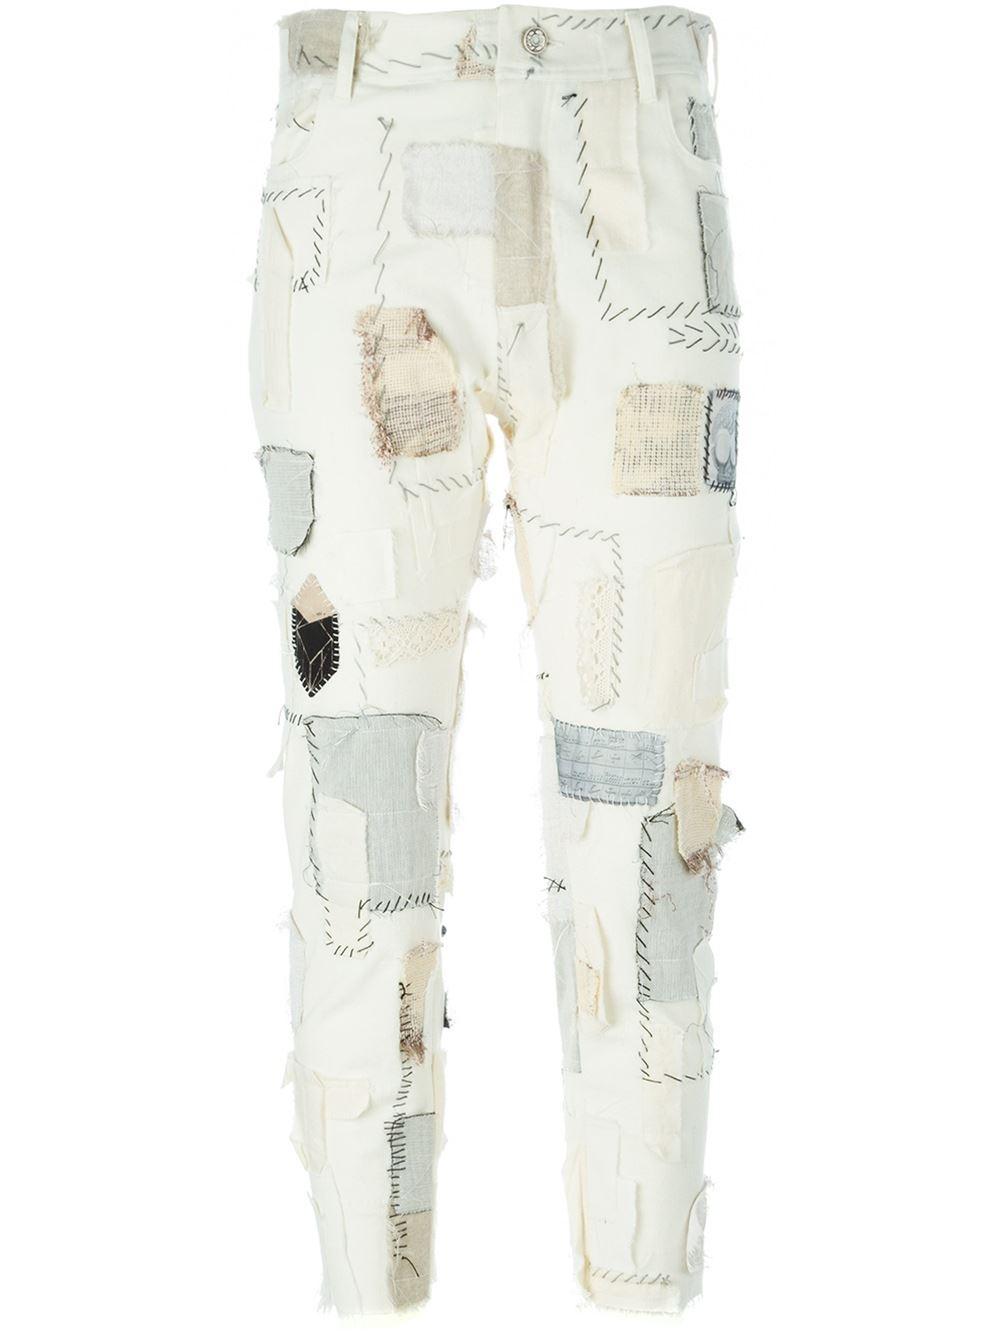 Five pocket jeans, £XX, Heikke Salonen. www.farfetch.com